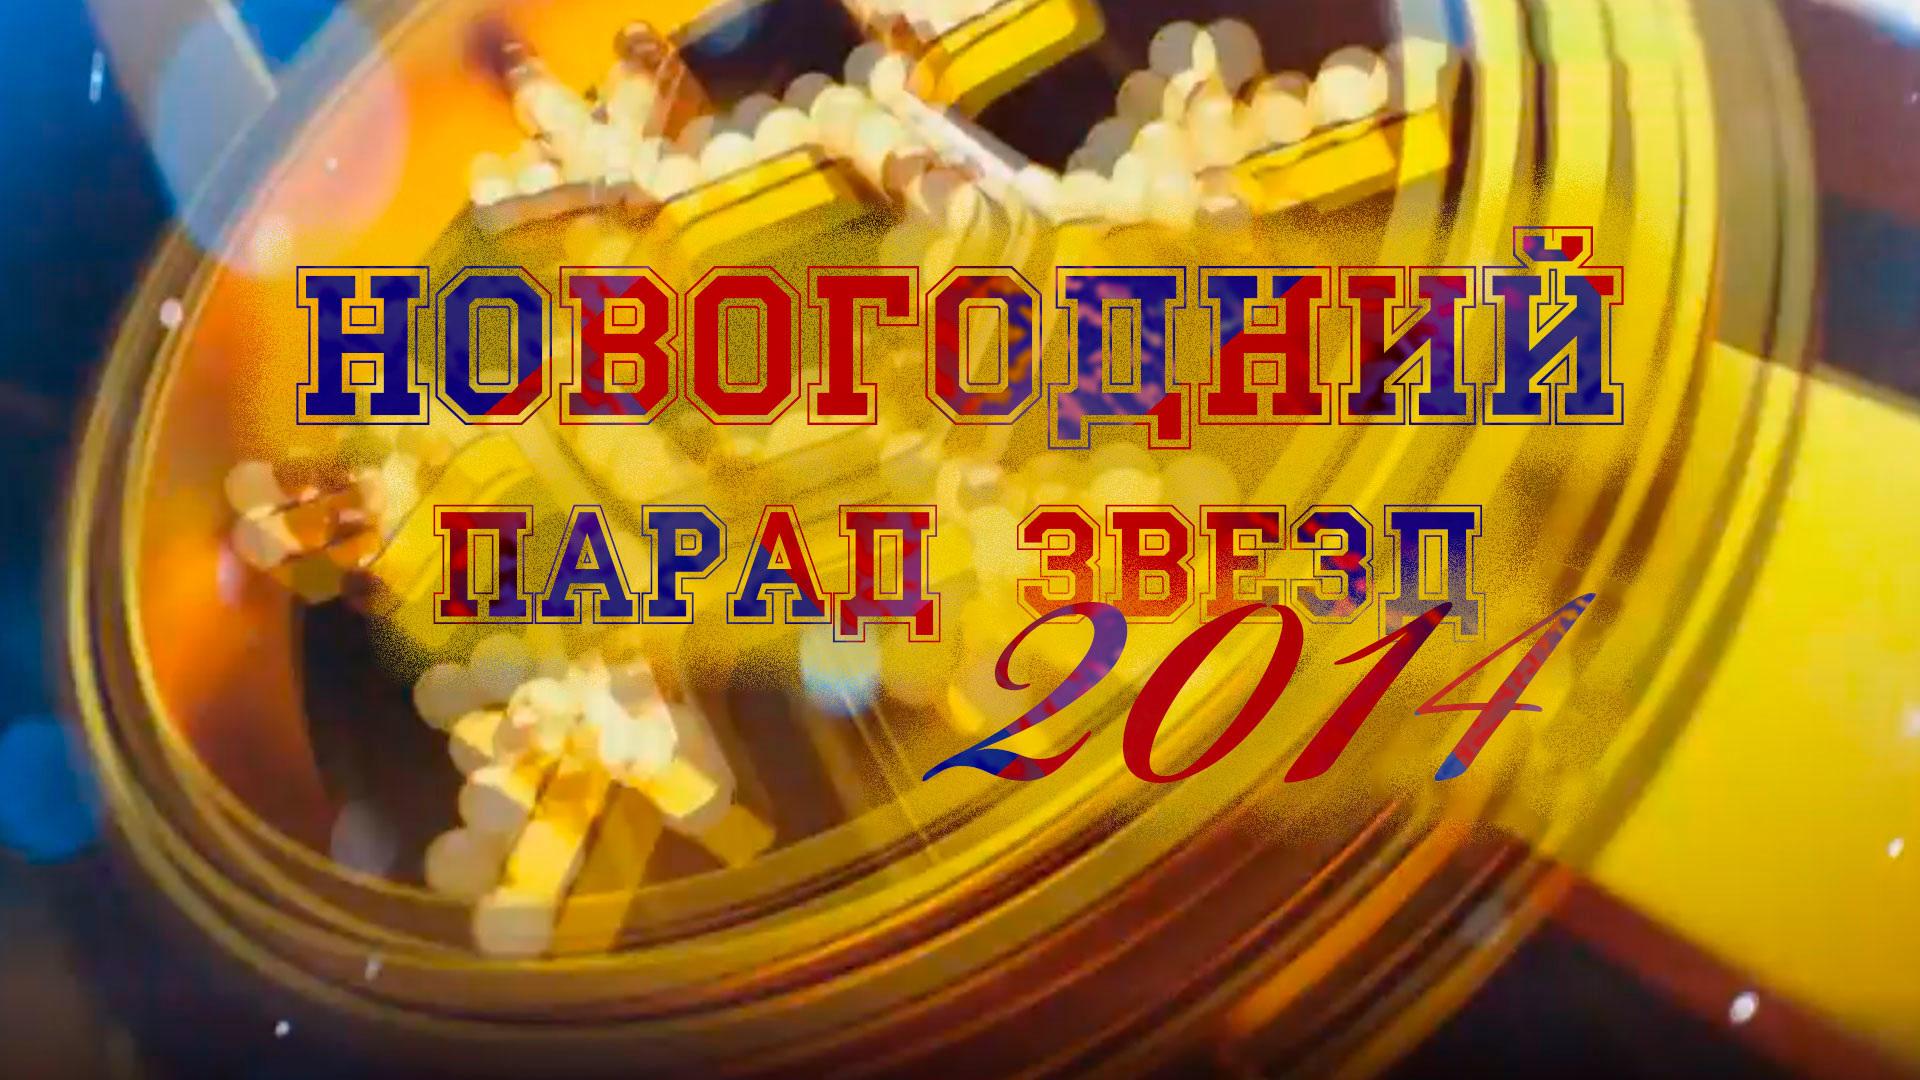 Новогодний парад звезд-2014